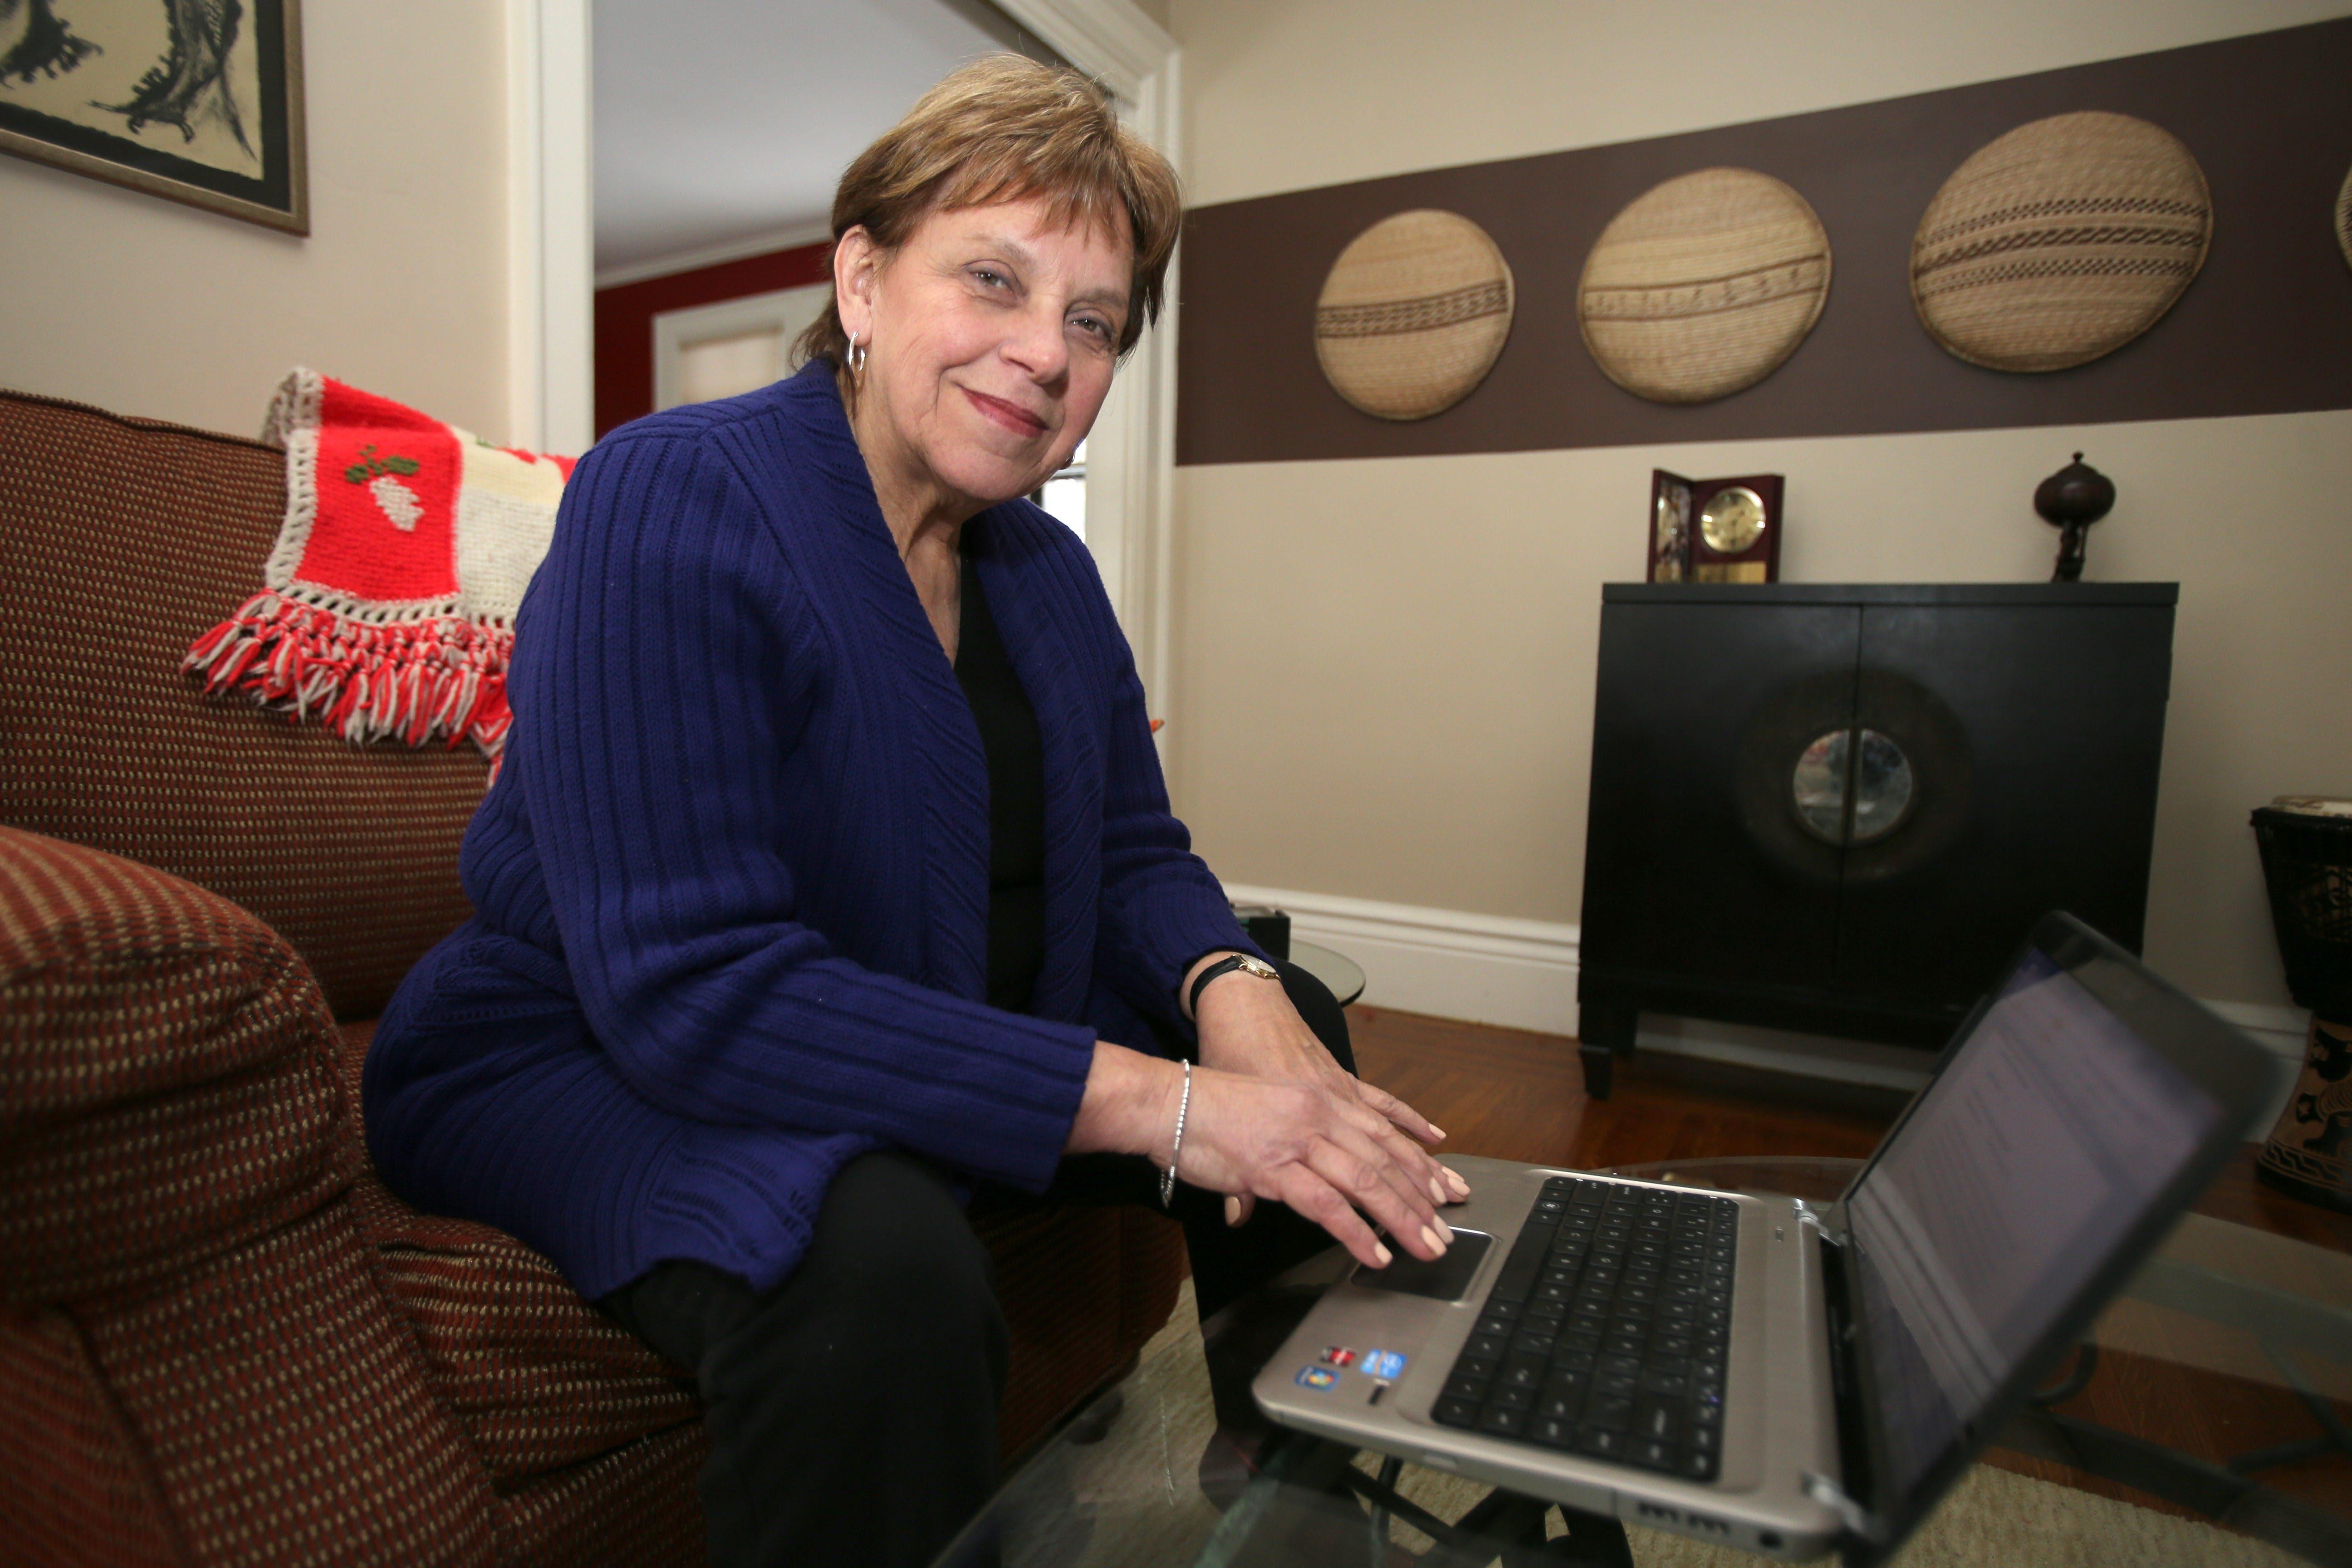 Helene H. Kramer, former School Board president, says frustration with district spurred idea for curiosity-based charter.